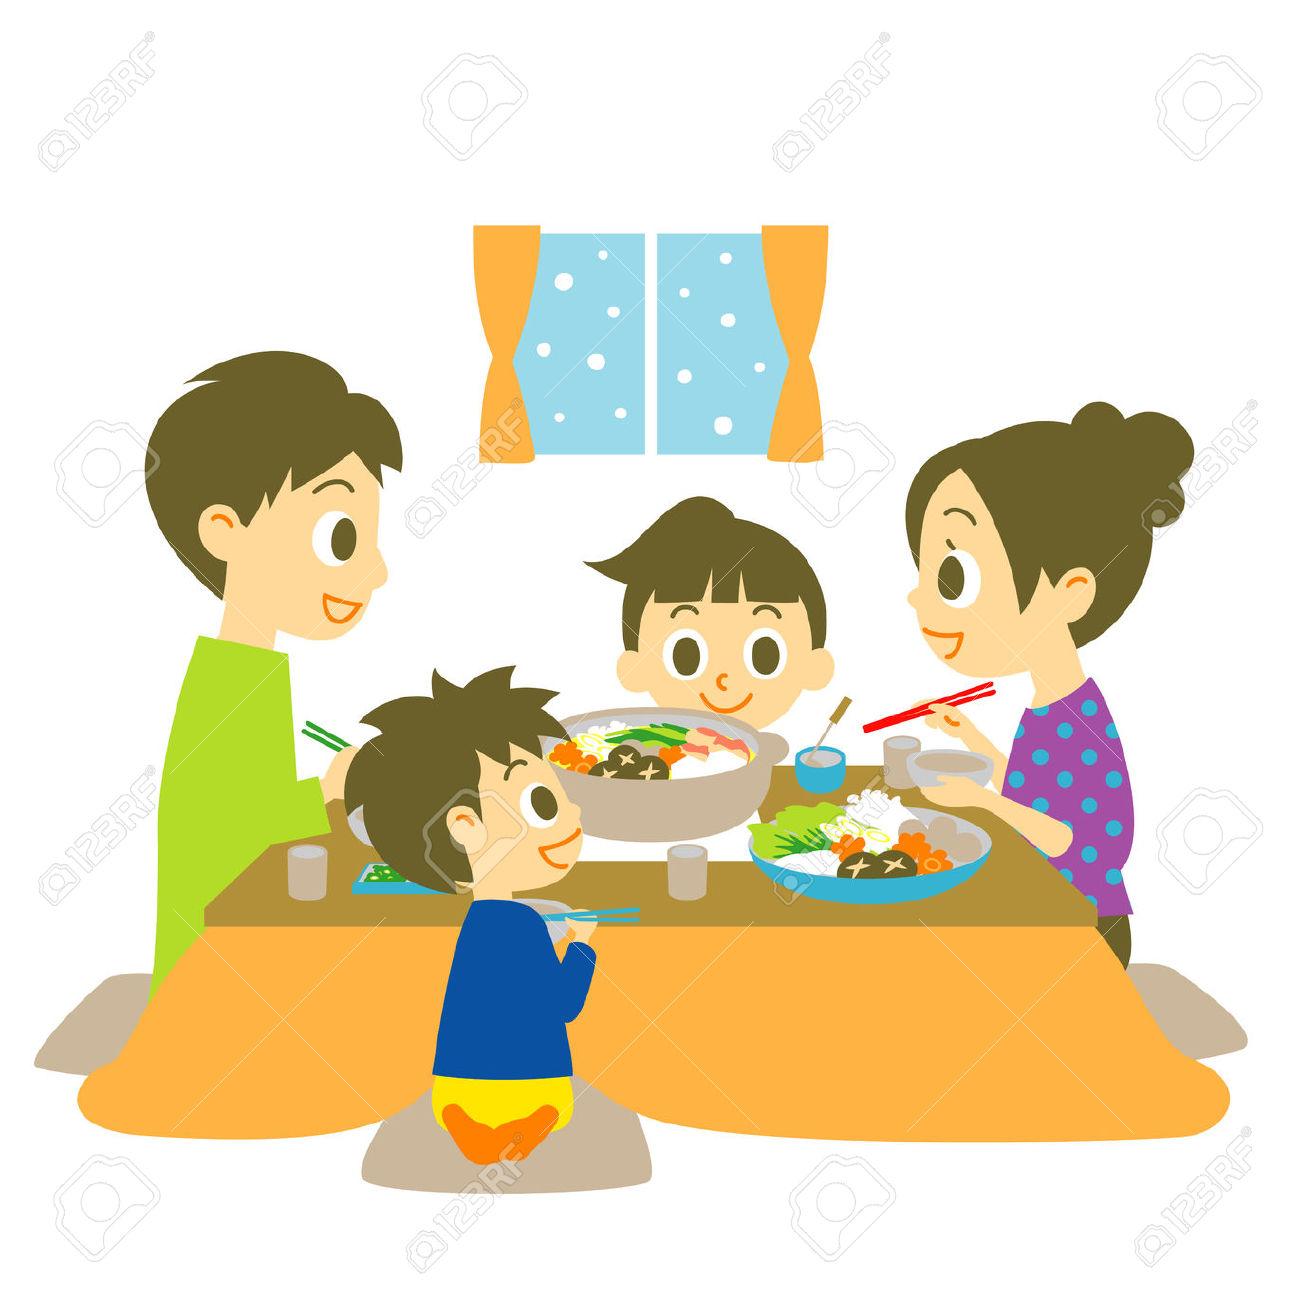 Family Dinner Clipart & Family Dinner Clip Art Images.